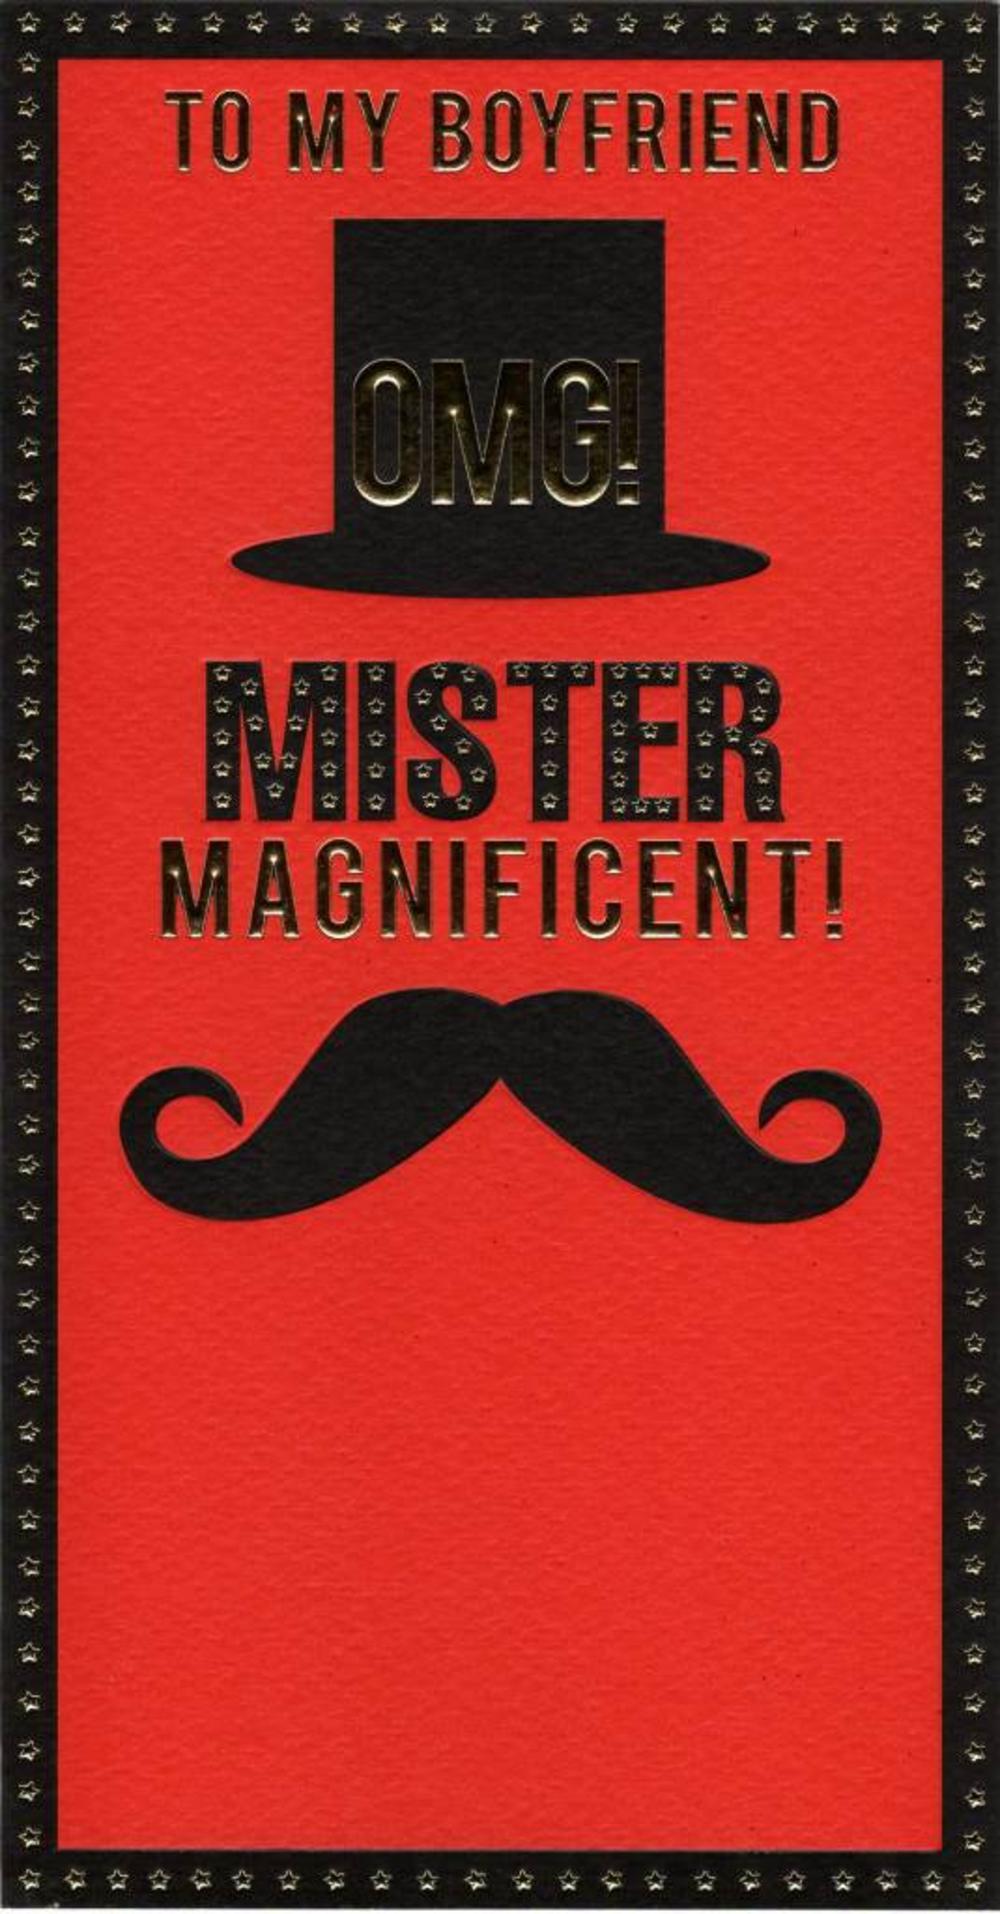 To My Boyfriend Mister Magnificent Valentine's Card